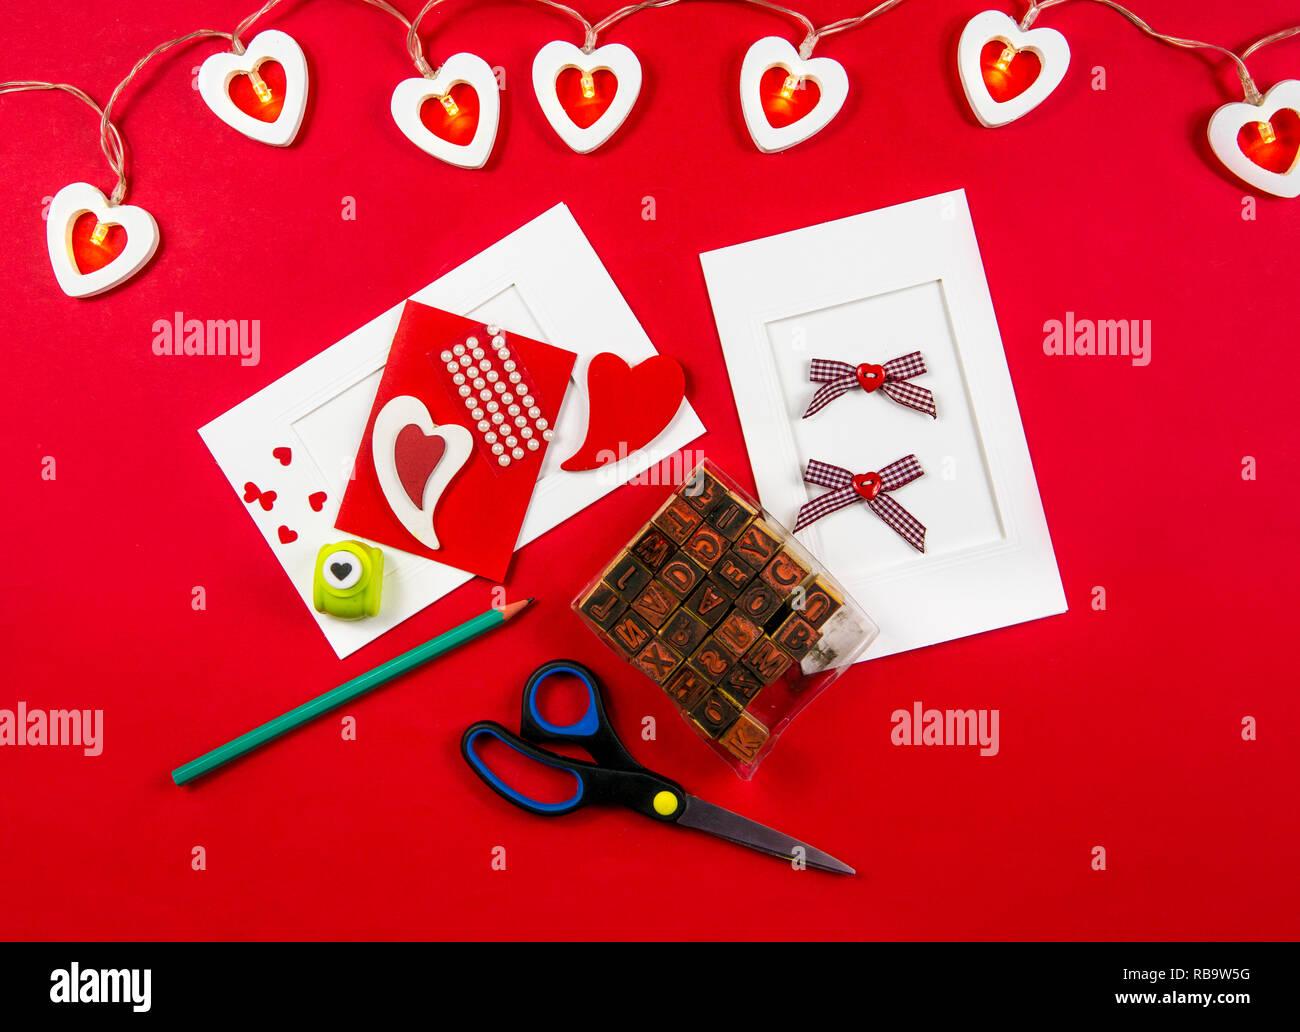 Die Valentinstag Postkarte Konzept Mit Liebe Fur Freunde Und